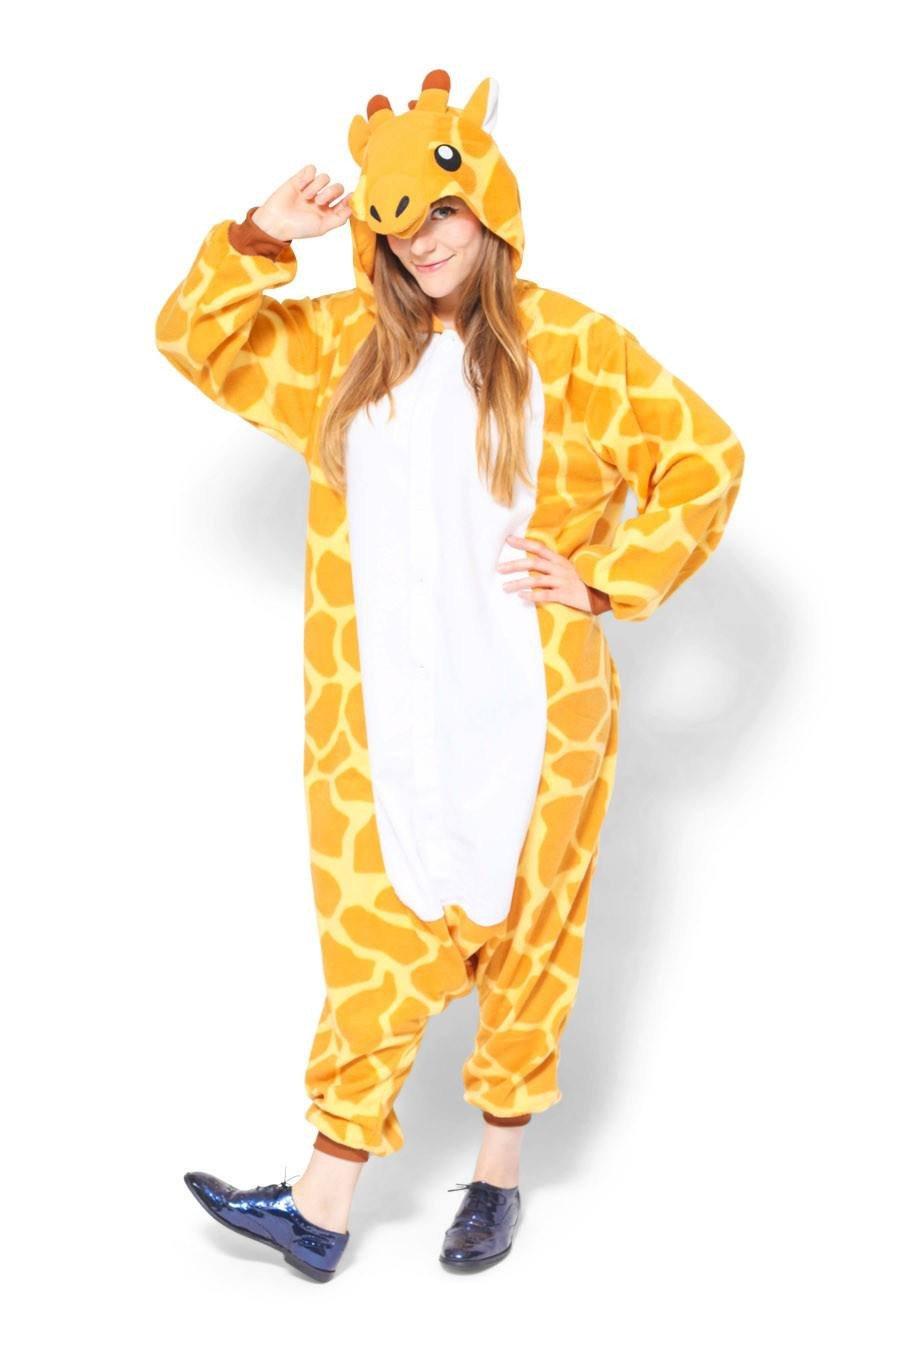 Кигуруми Жираф - Купить пижаму кигуруми в СПб недорого a8b08a6897345